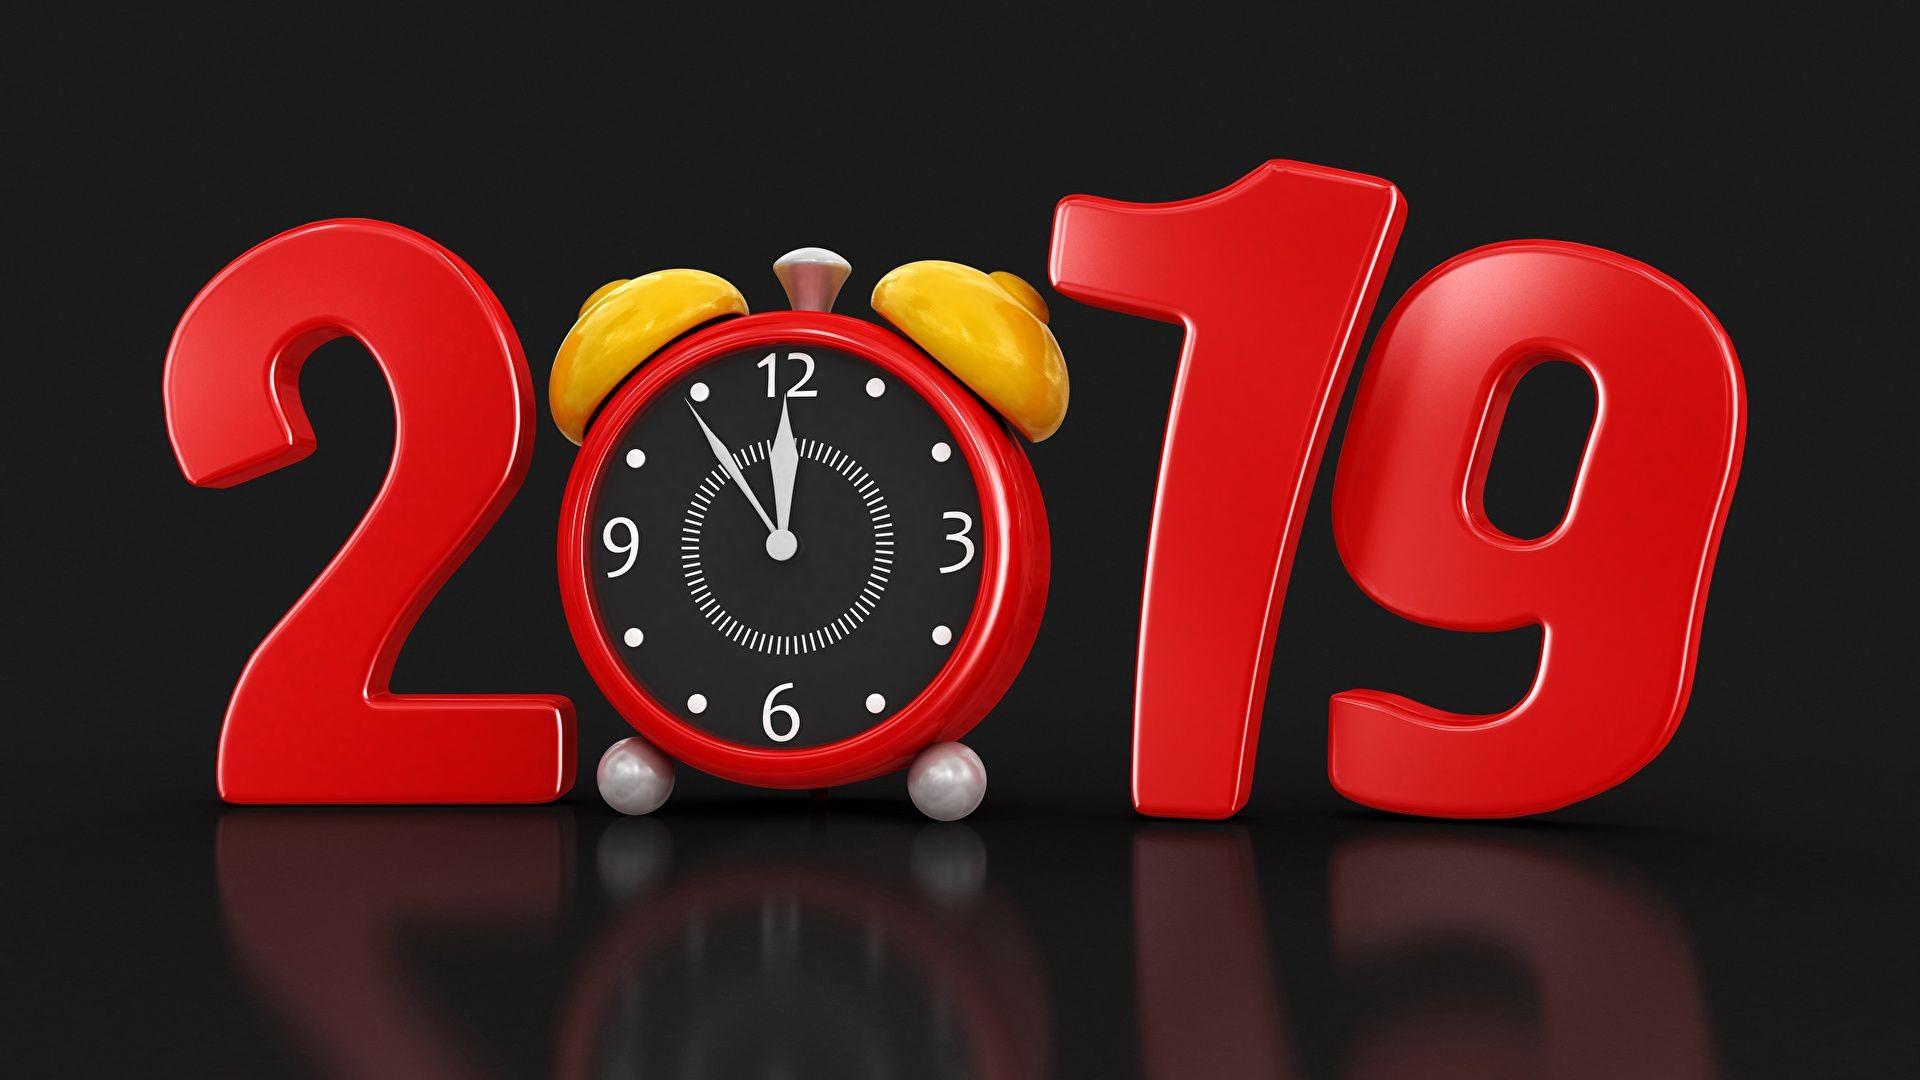 A±o Nuevo Reloj Reloj despertador Fondo negro 2019 3D Gráficos